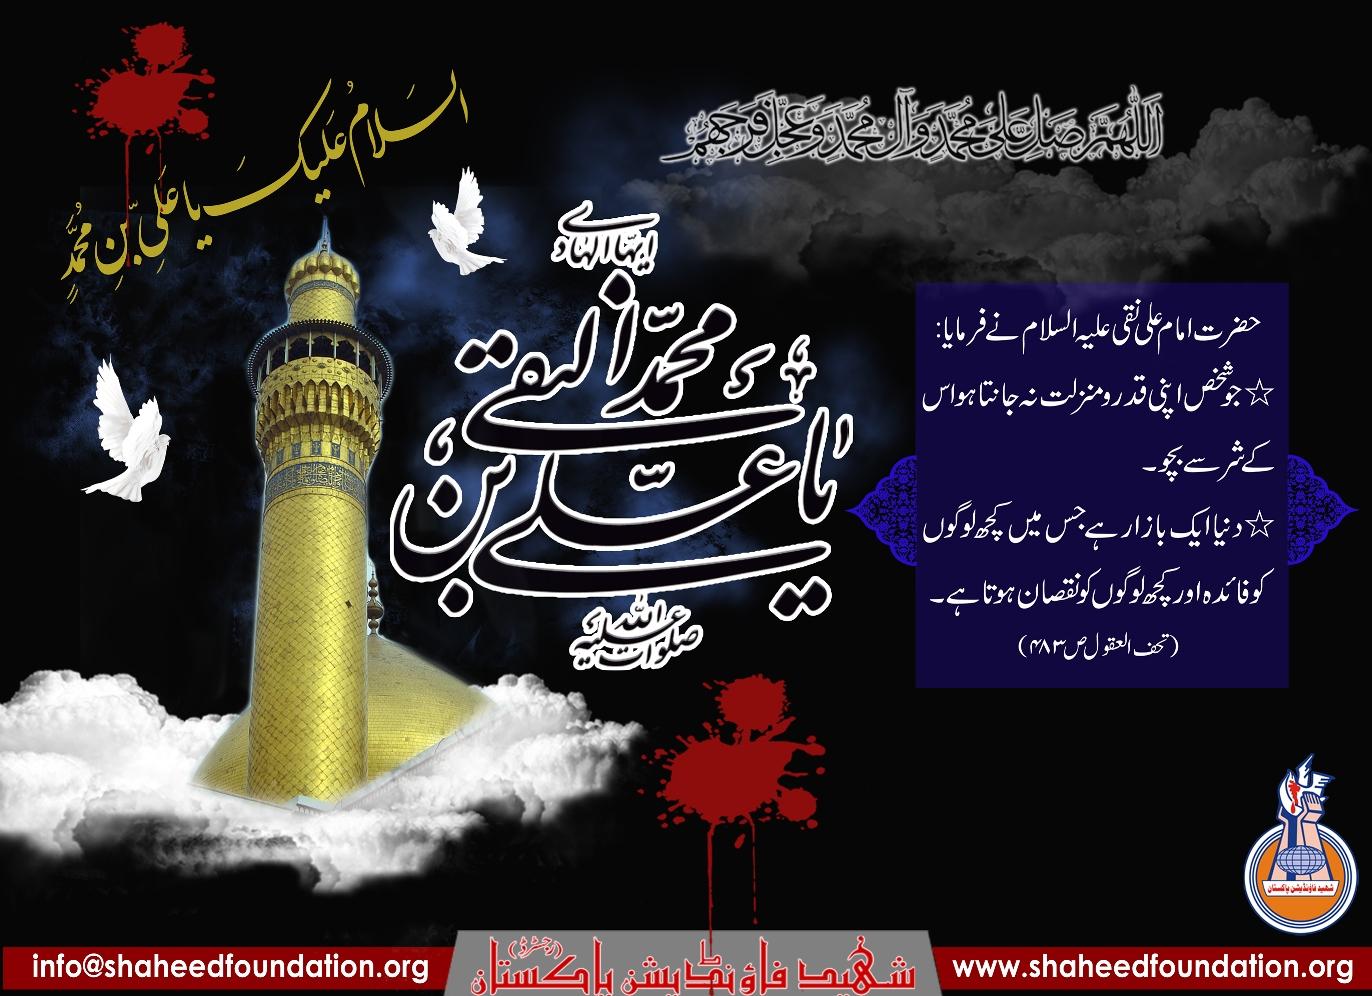 Shahdat Imam Ali Naqi al-Hadi